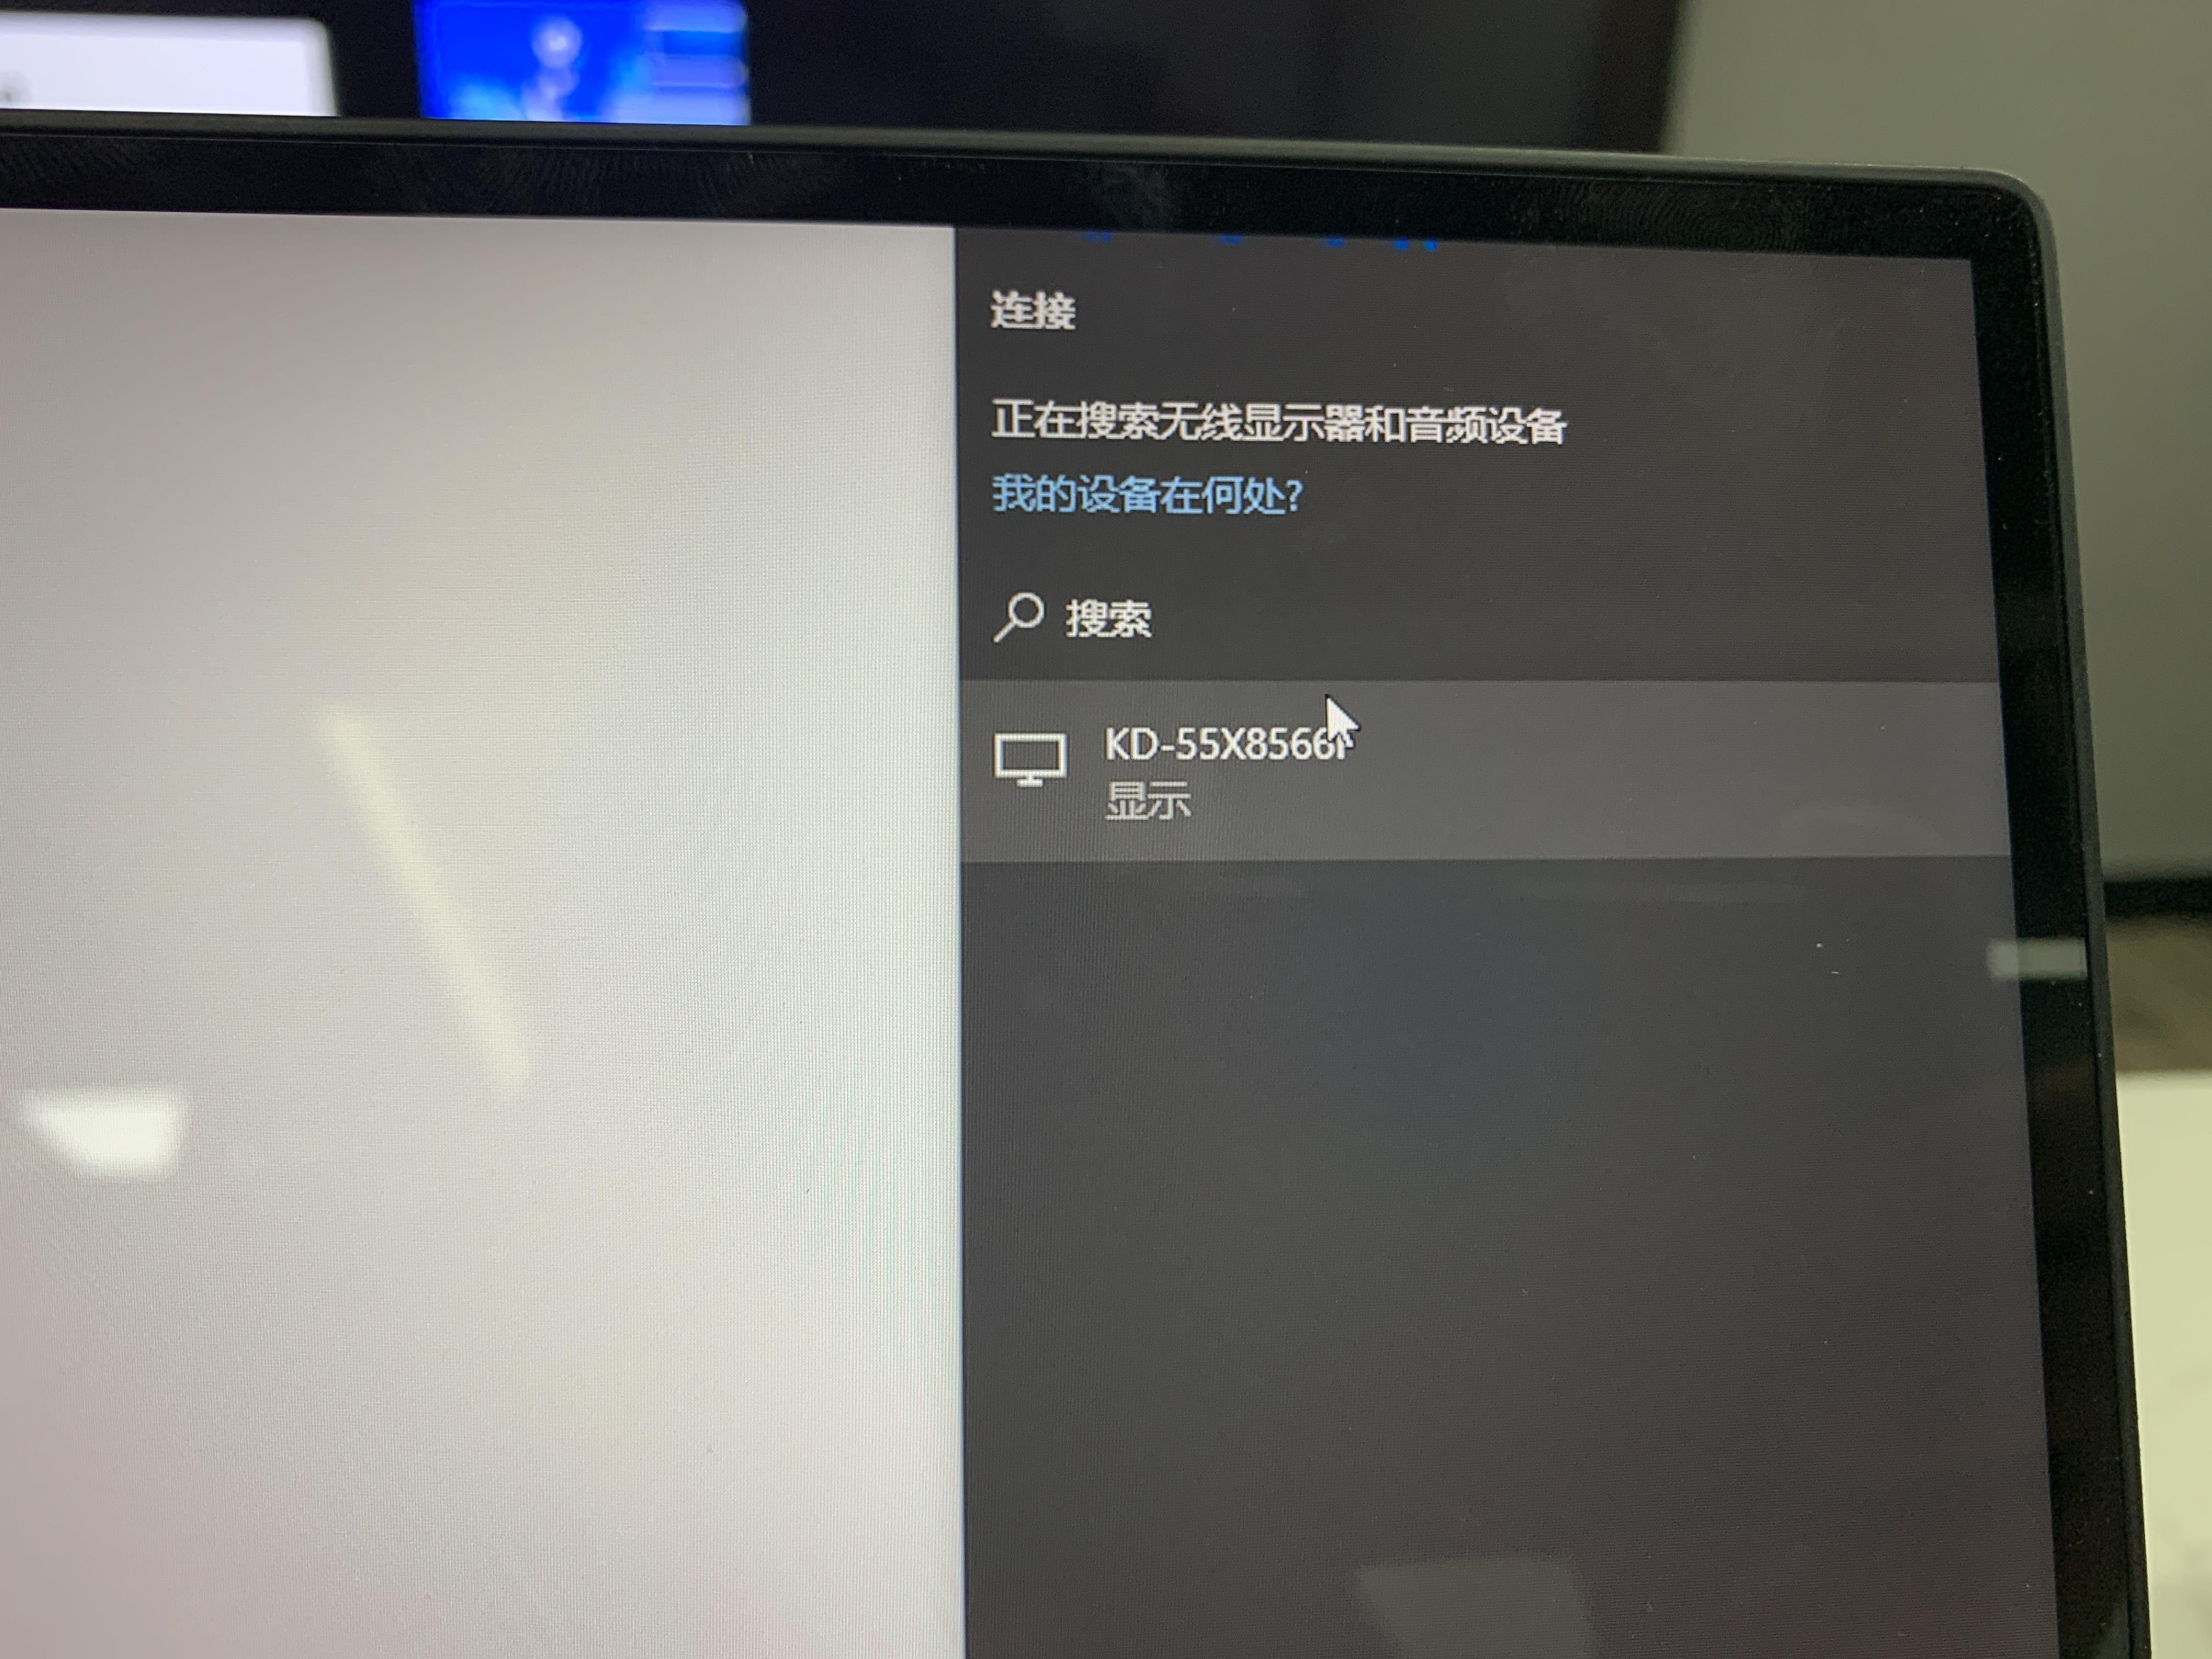 不用HDMI线,笔记本电脑无线镜像投屏到电视显示器,简单实用